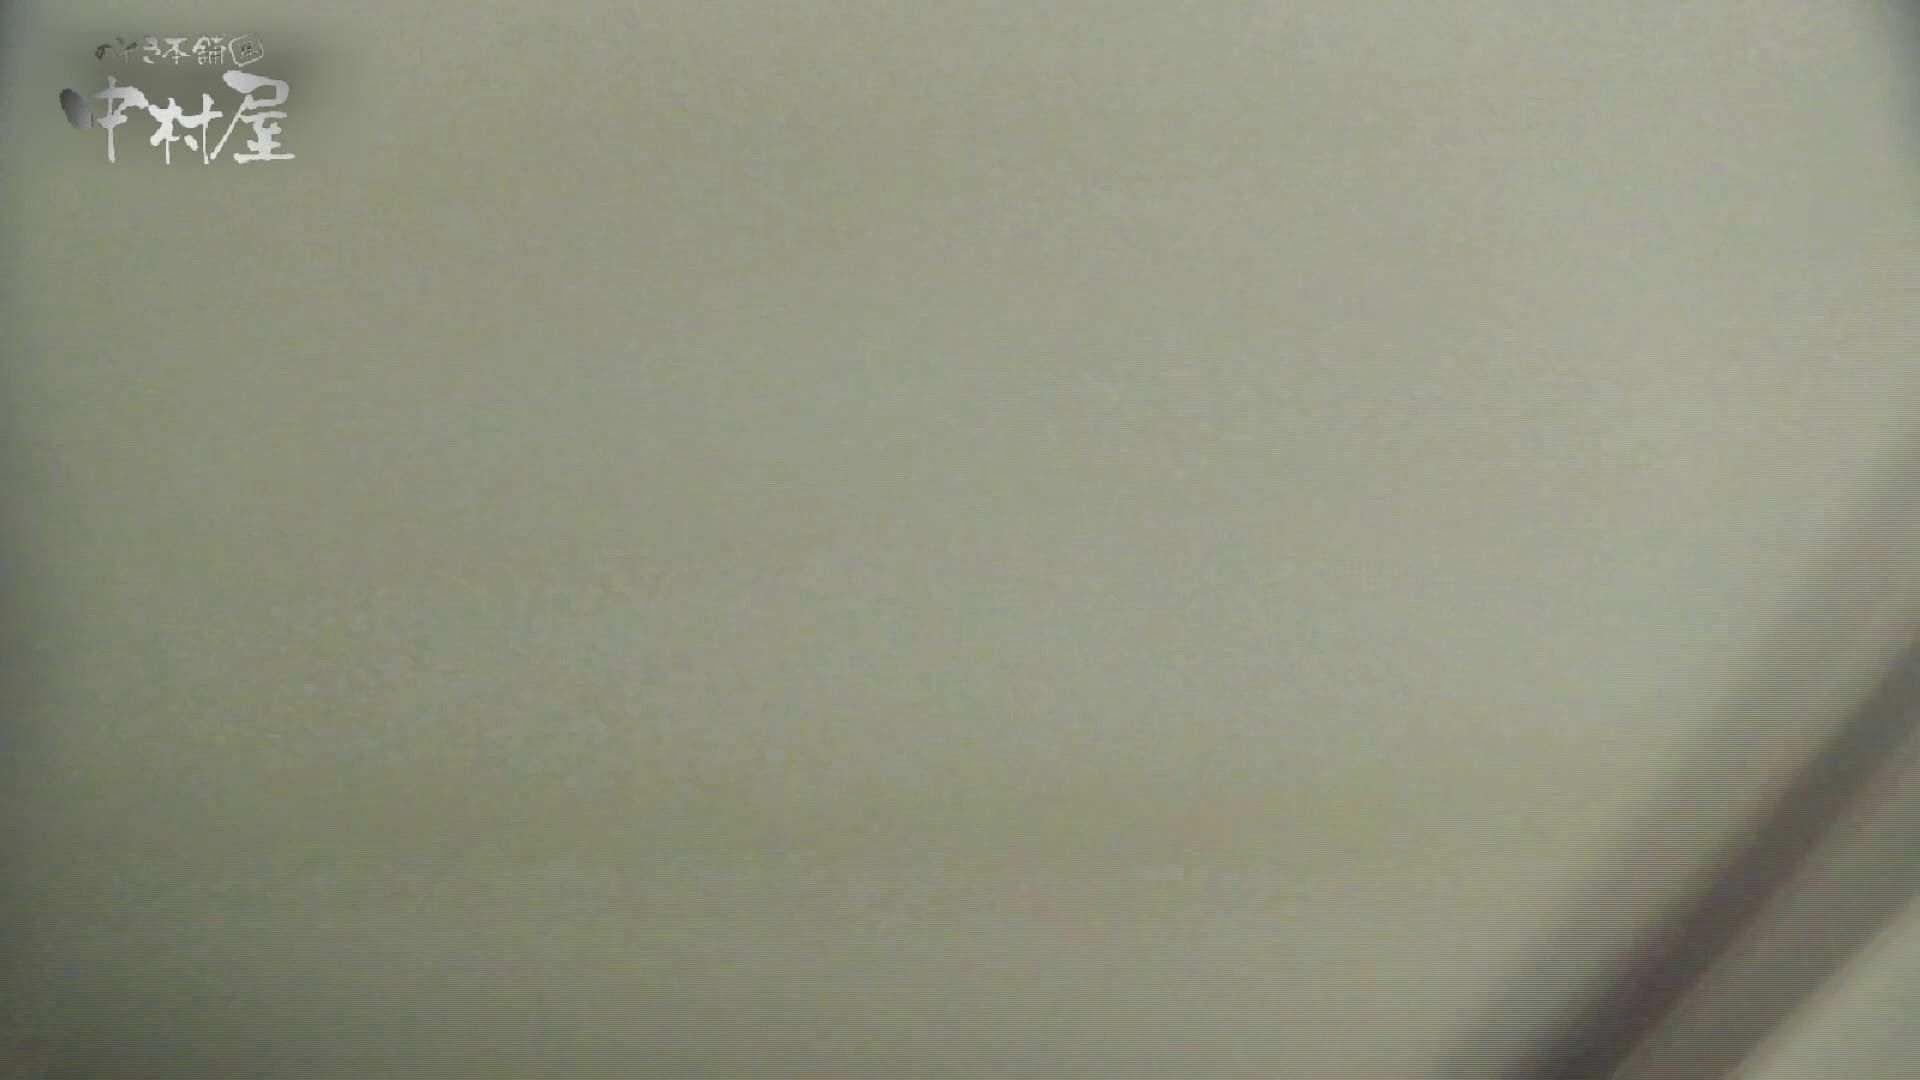 ▲期間限定D▲第三体育館潜入撮File035 アングル調整、場所変更!違った味の物が誕生 前編 人気シリーズ えろ無修正画像 97画像 55